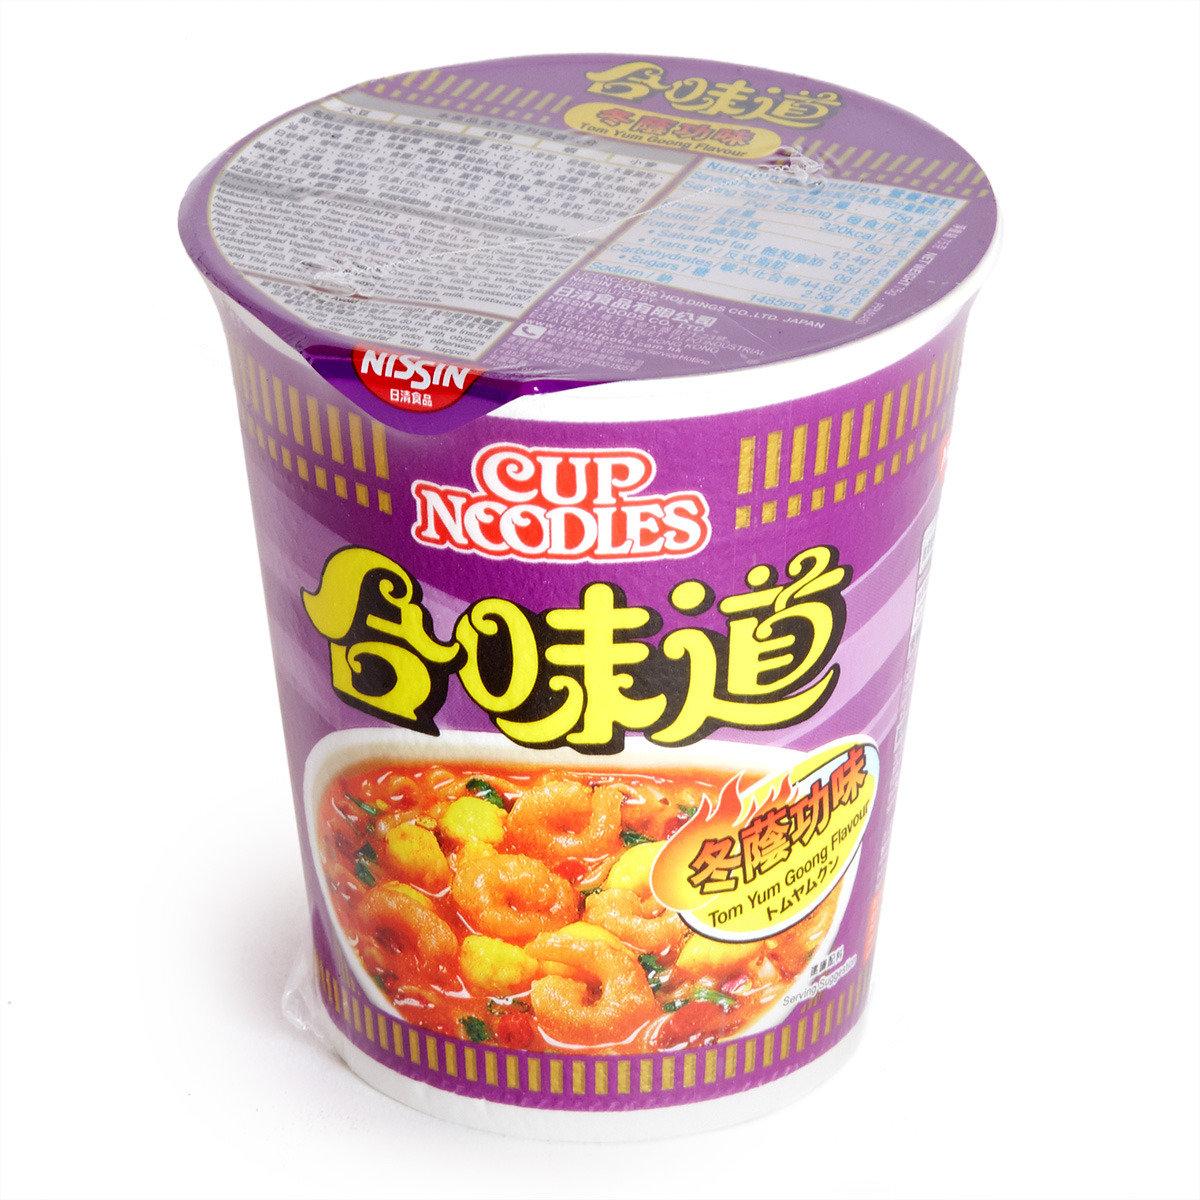 合味道 杯麵 - 冬蔭功味